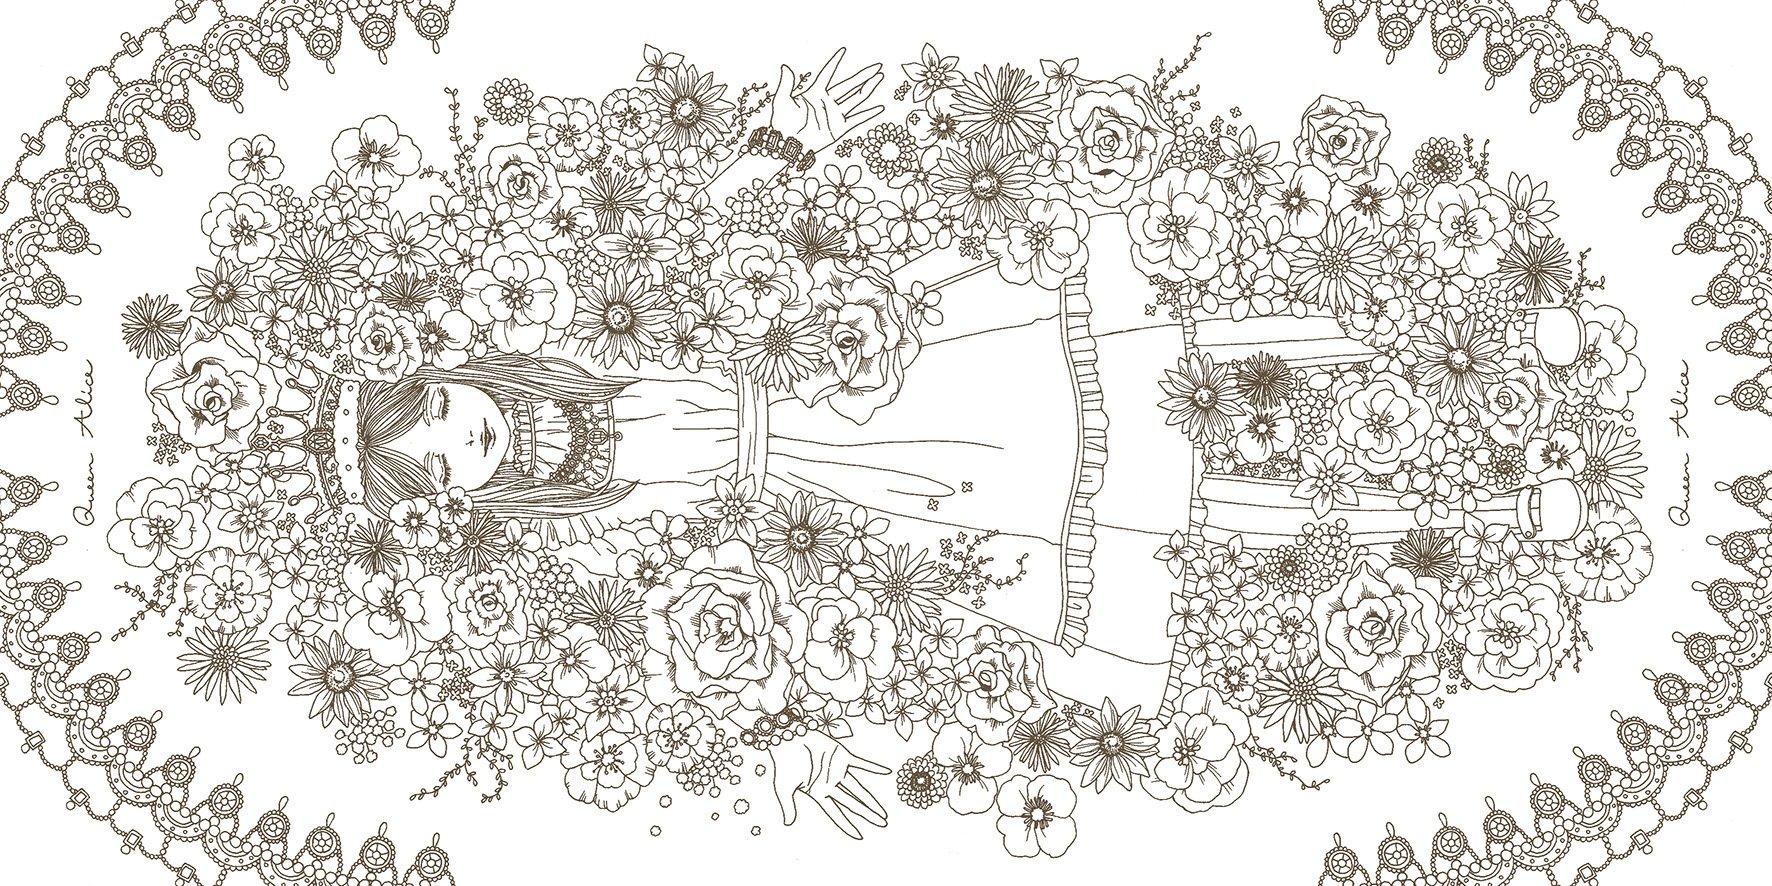 おしゃれな塗り絵book アリスの不思議かわいい物語 手塚 ユミコ 本